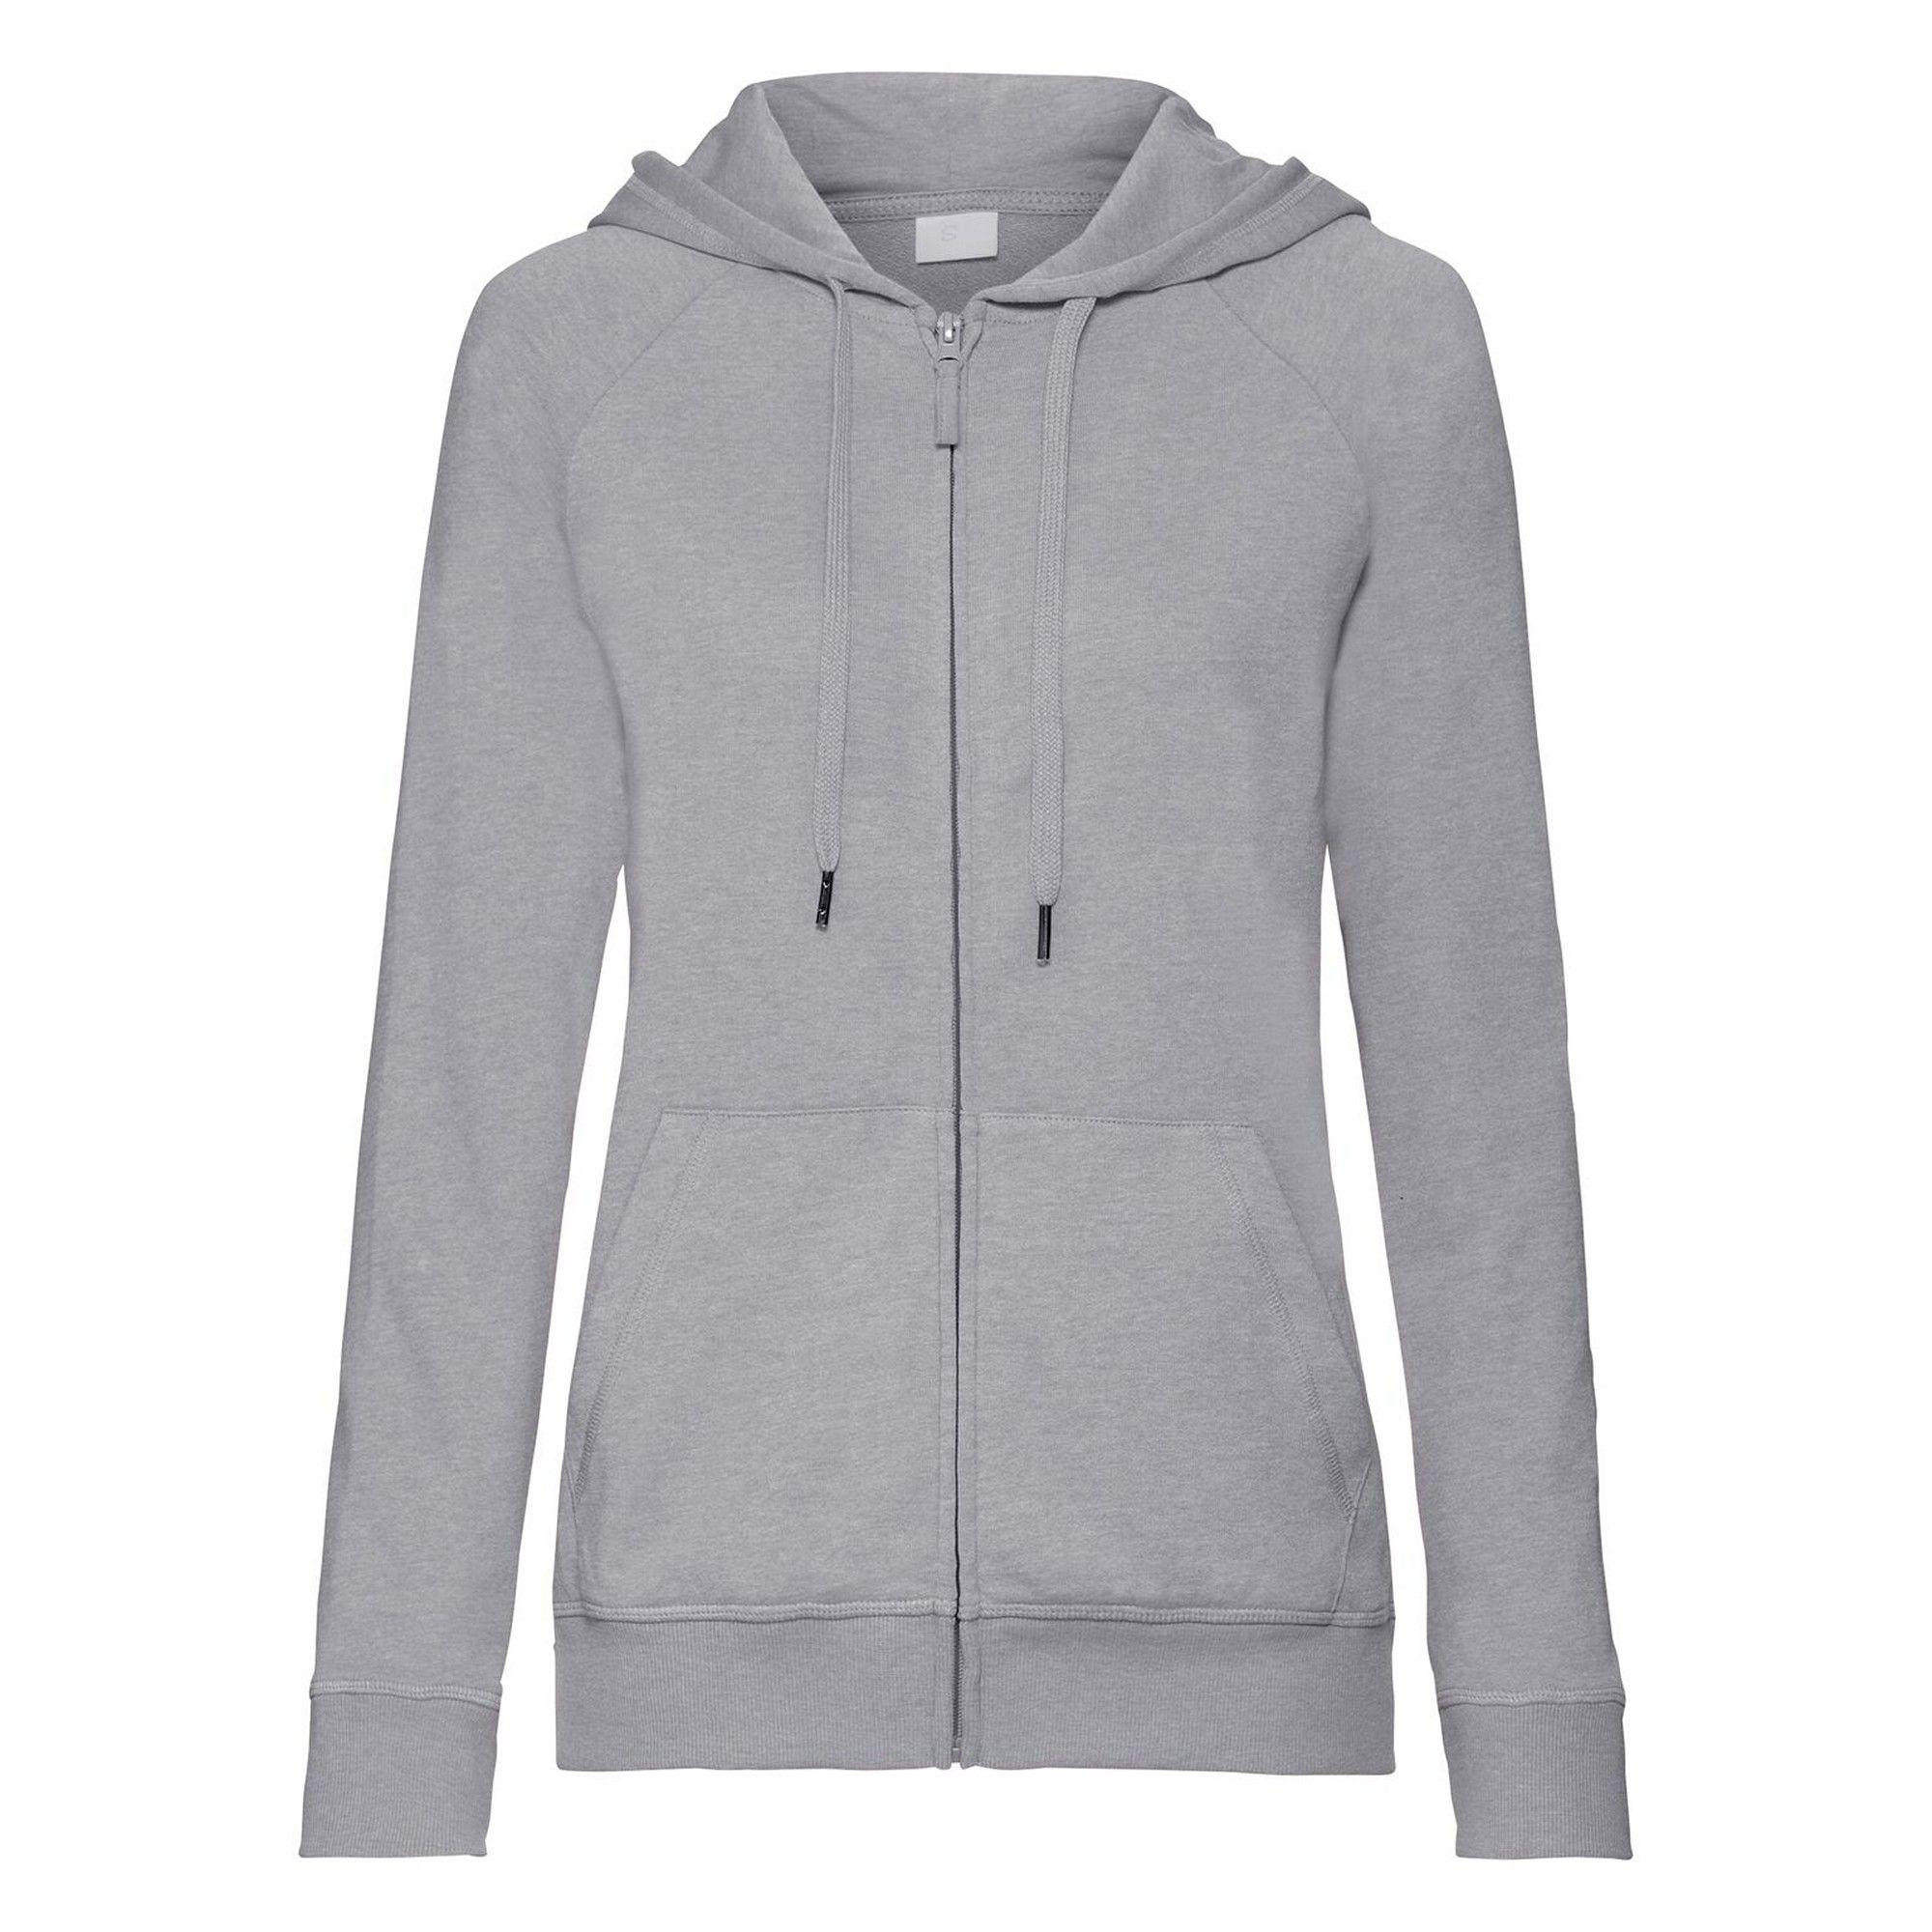 Russell Womens/Ladies HD Zip Hooded Sweatshirt (Silver Marl)